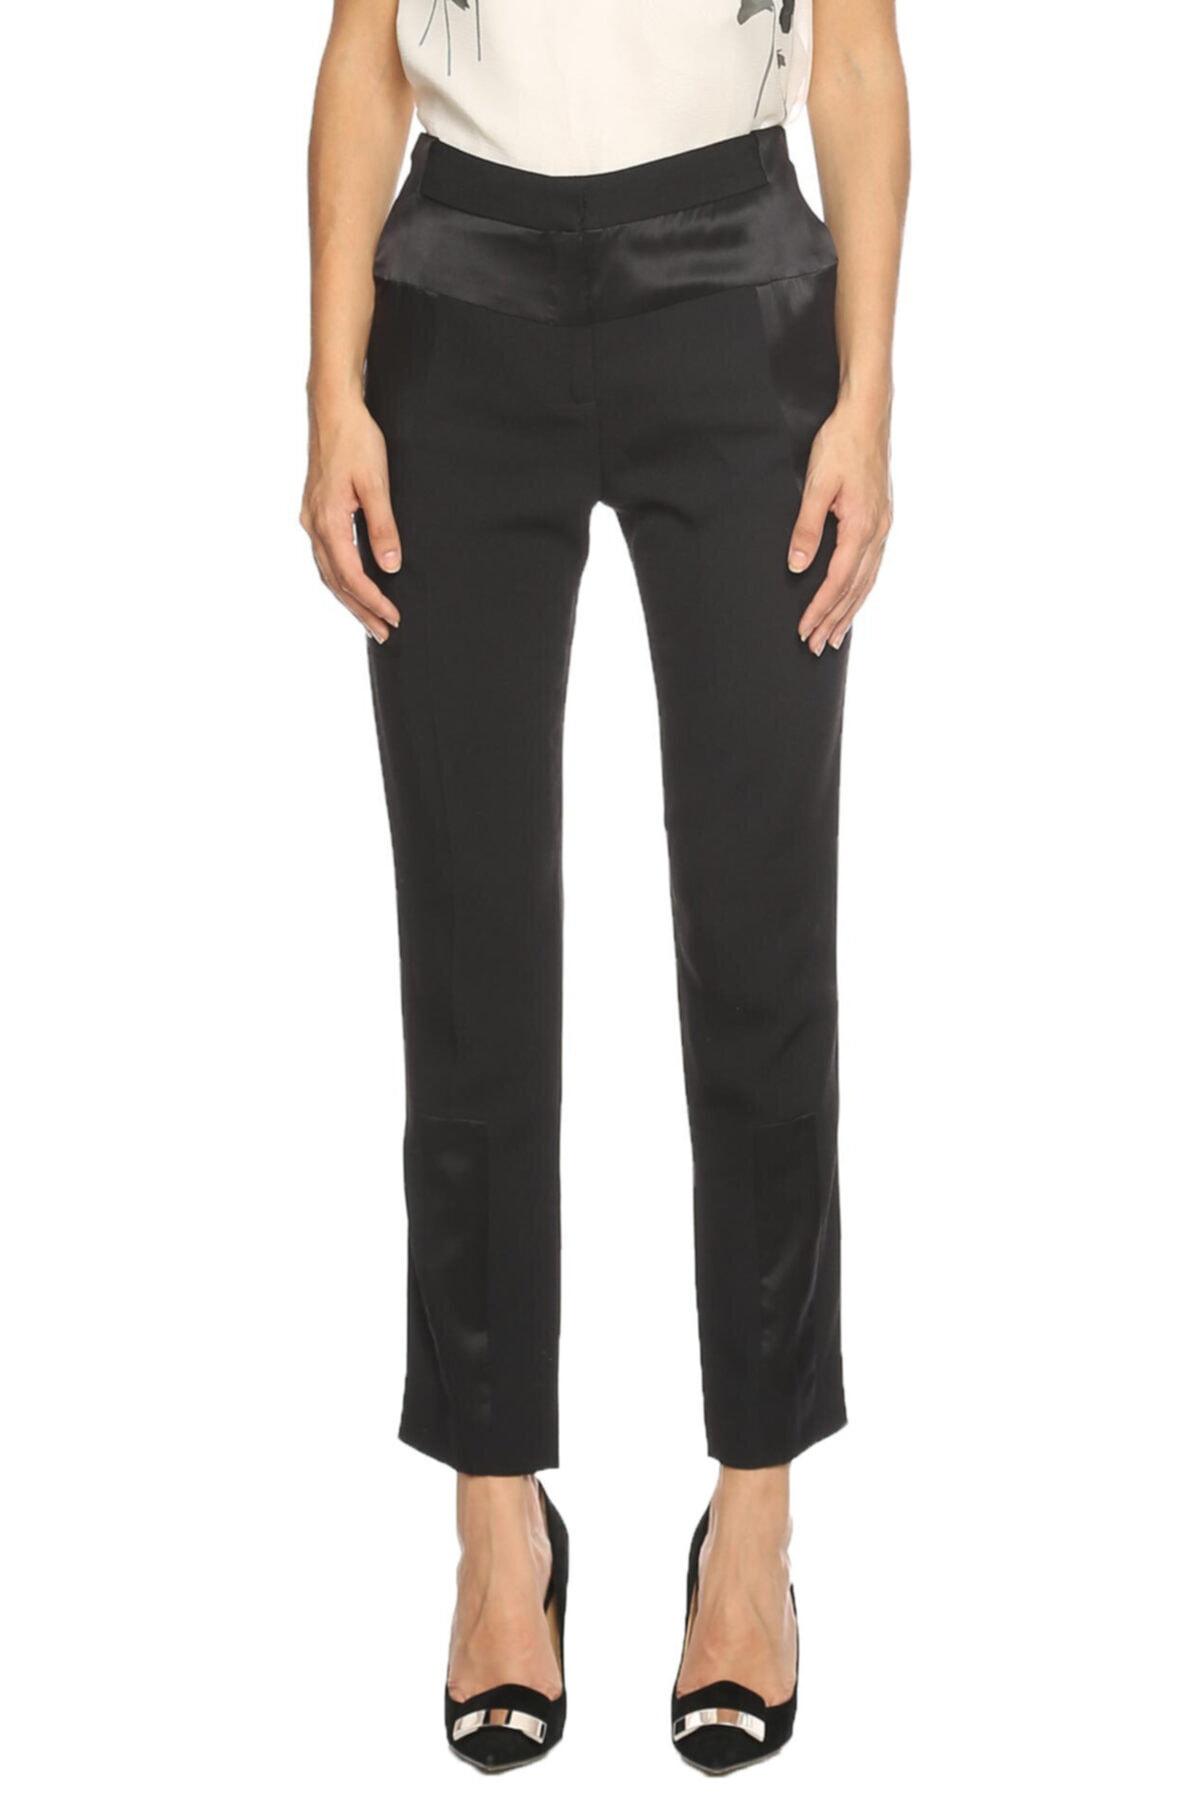 Prabal Gurung Kadın Siyah Klasik Pantolon 1